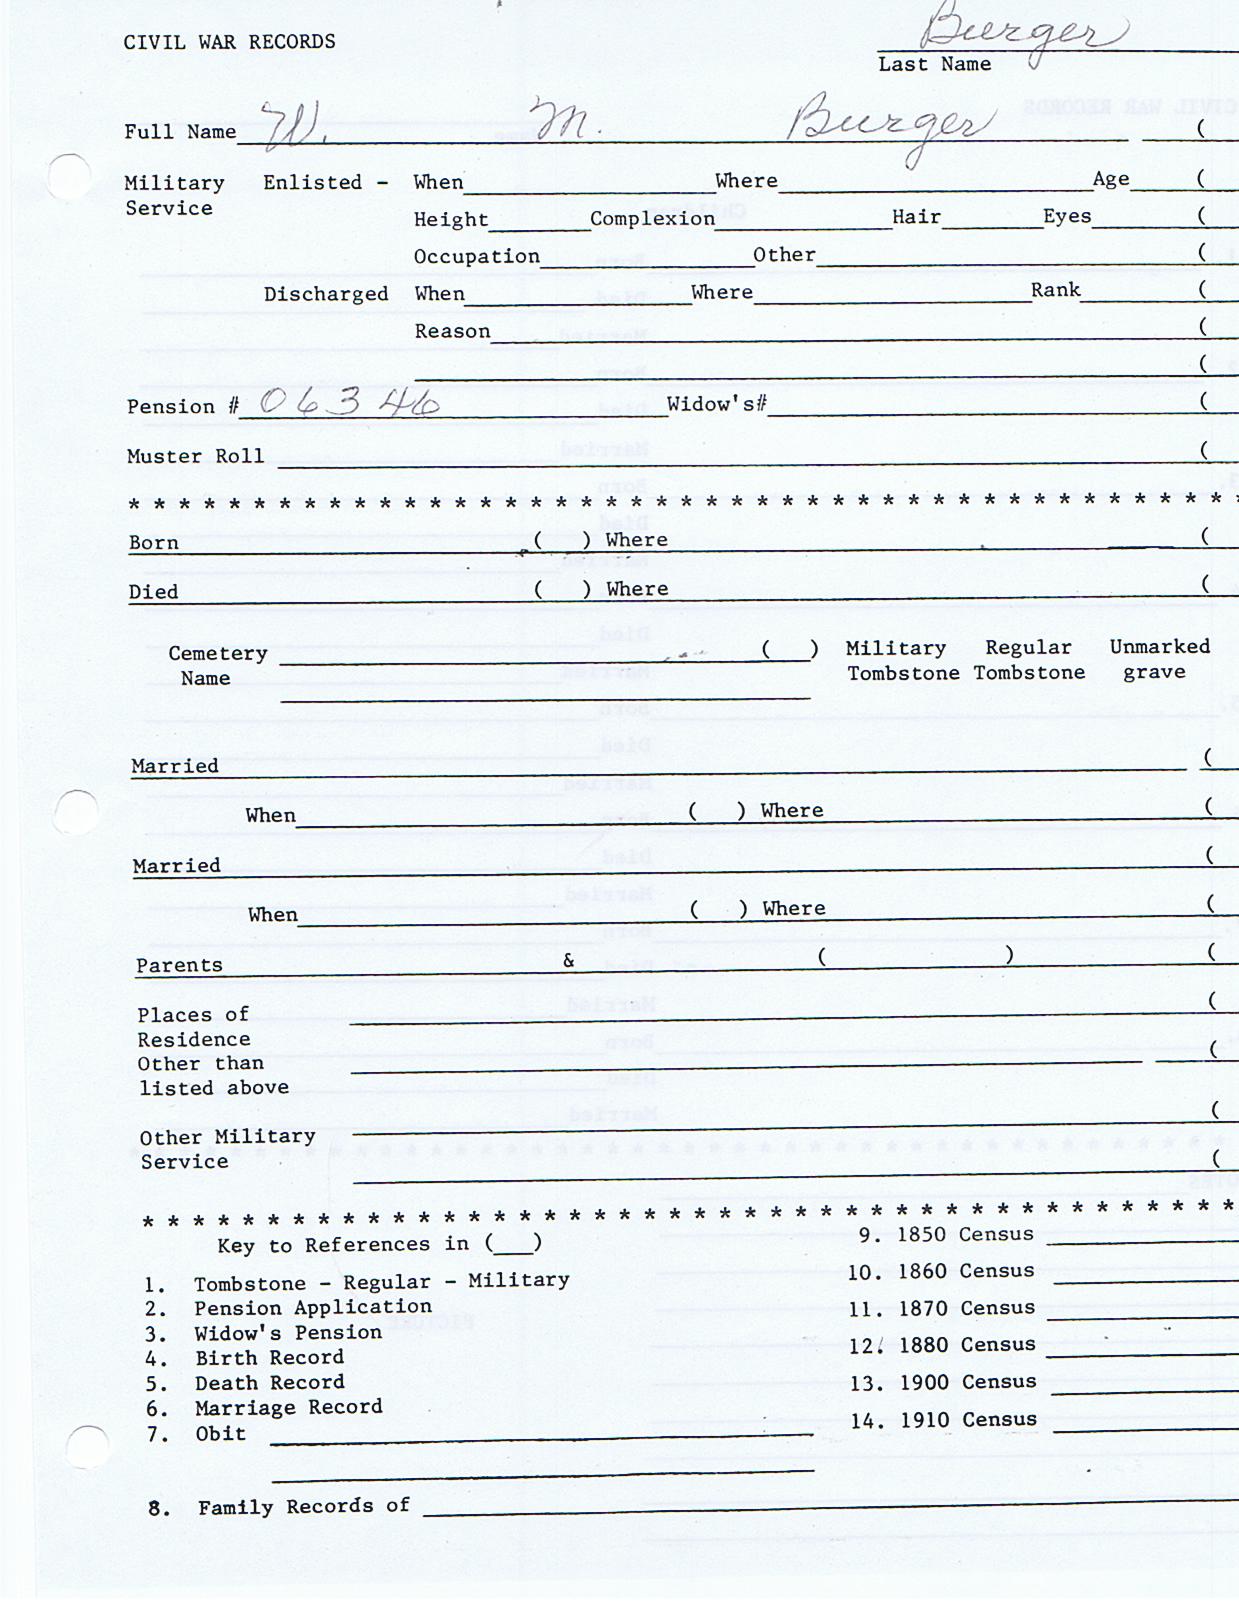 burger-kaufman_civil_war_records-3533